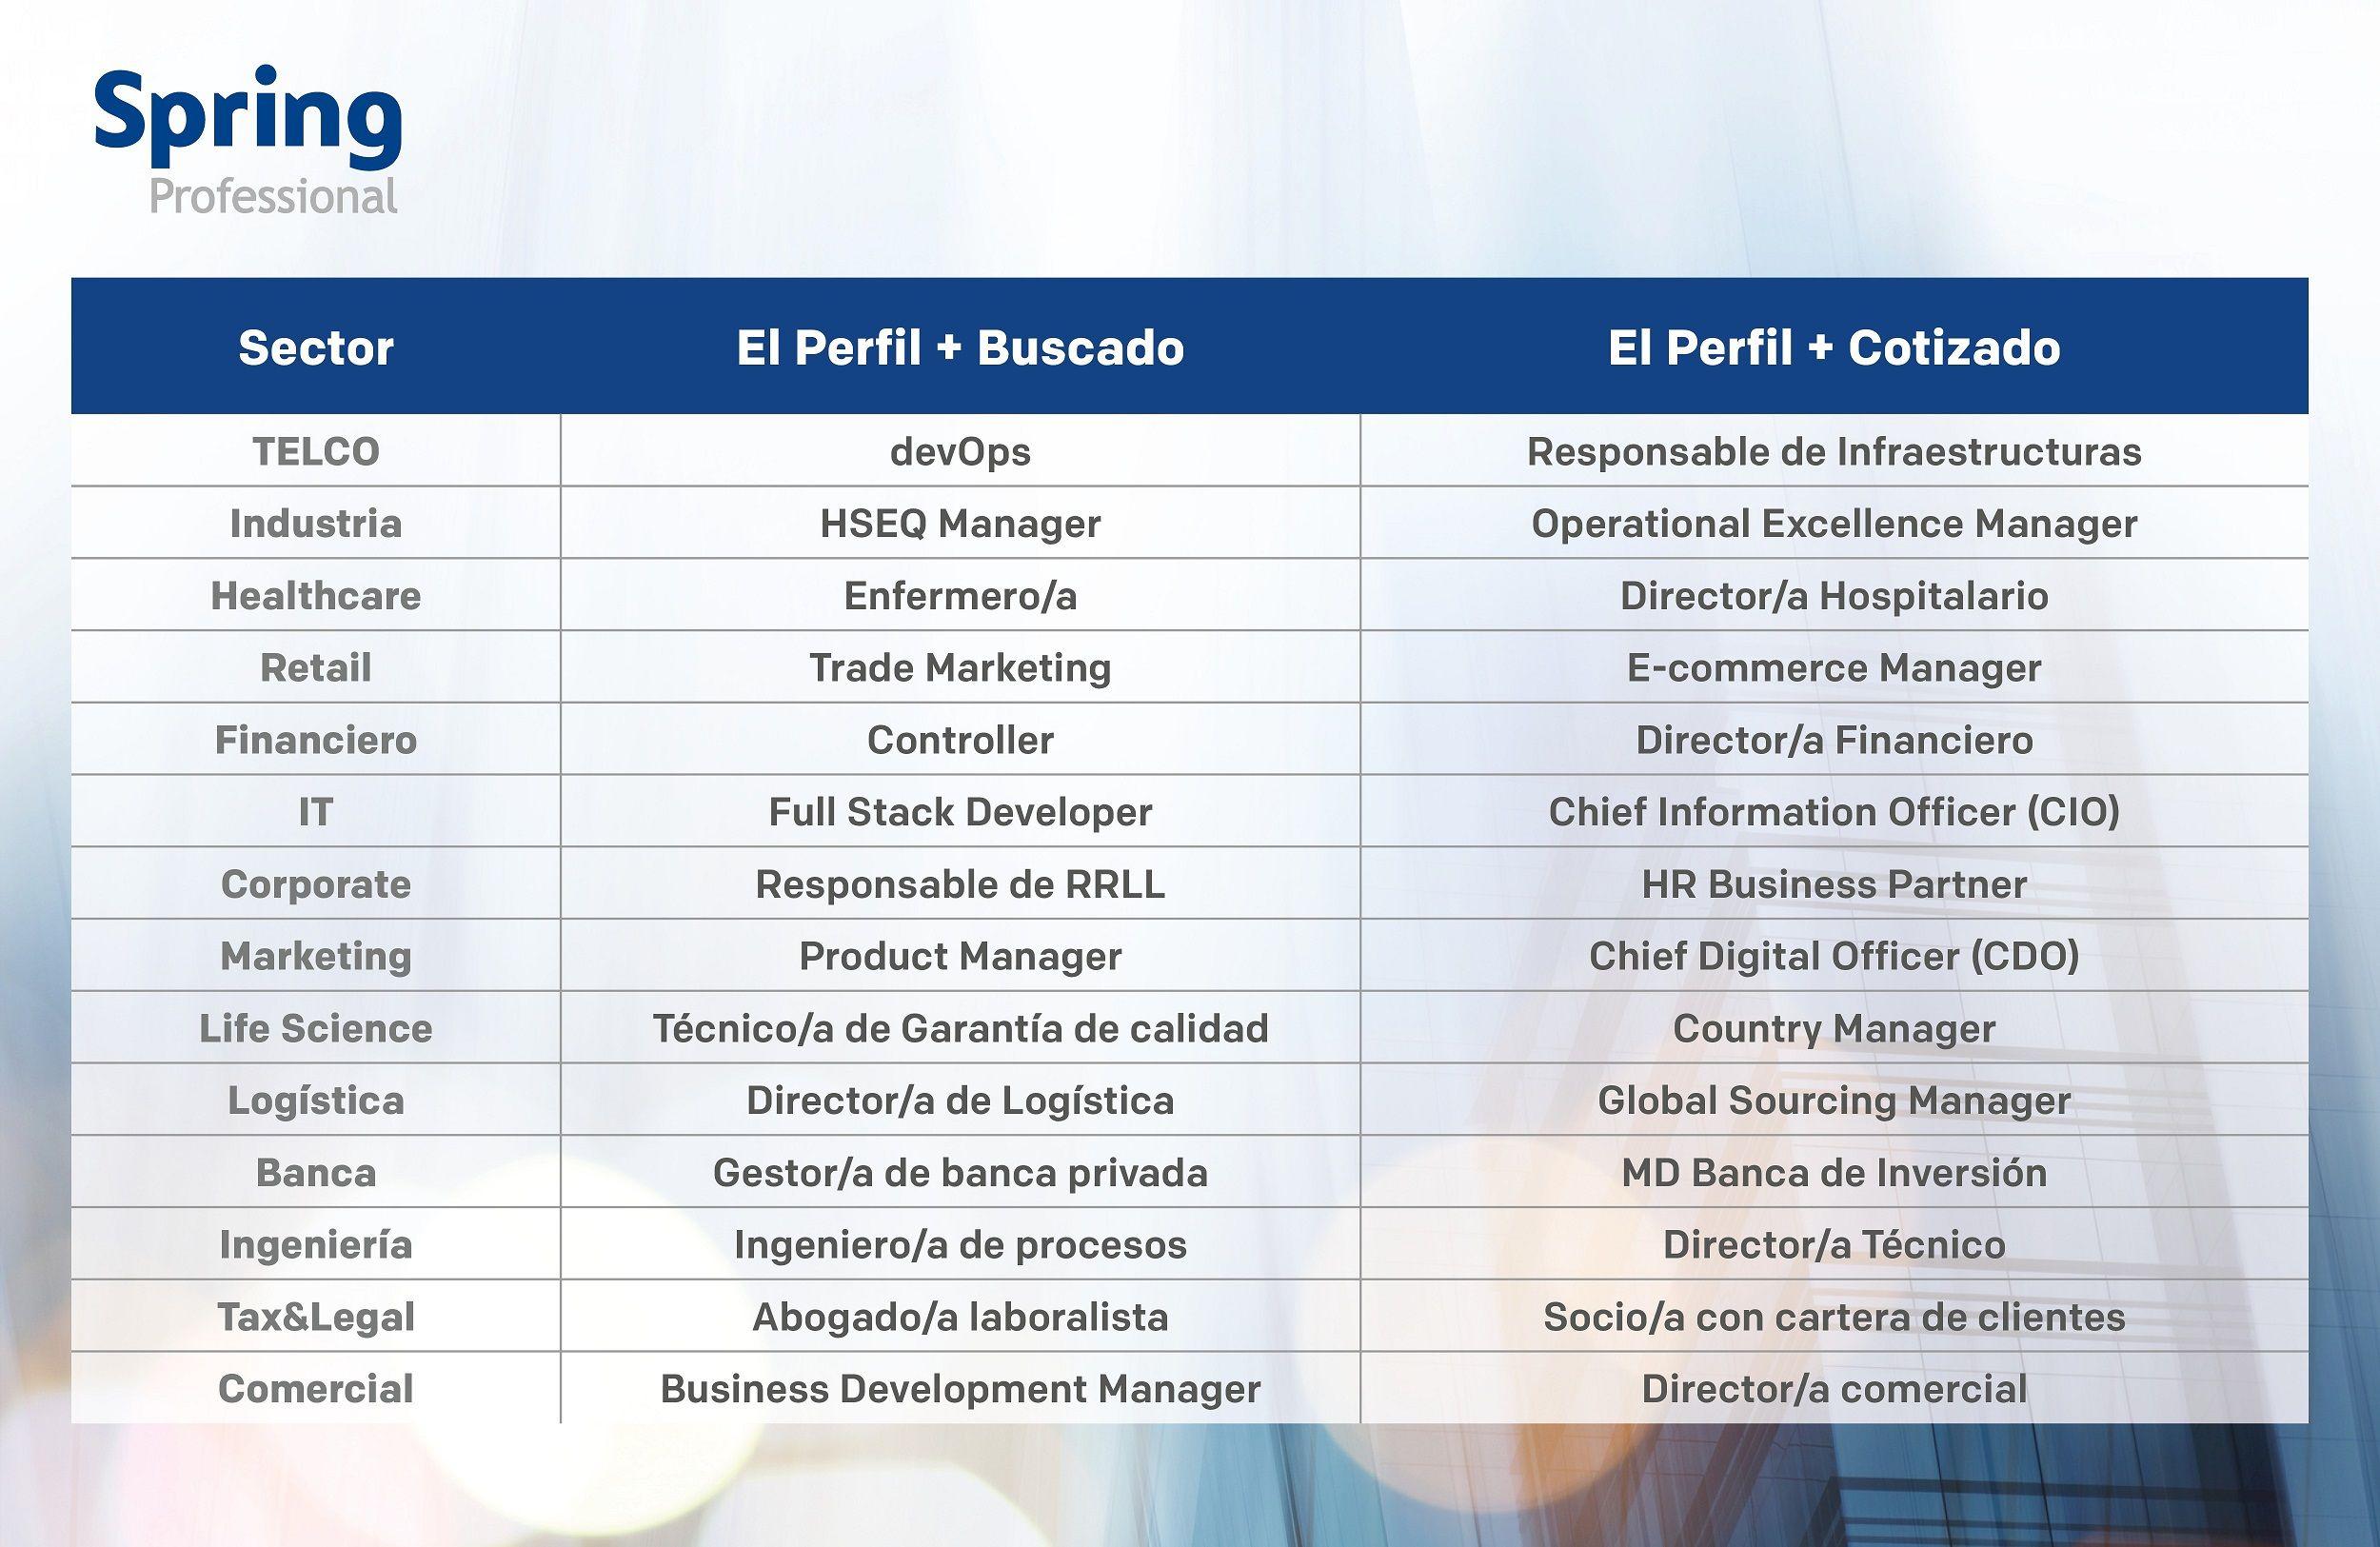 Foto de XVI Informe Los+Buscados de Spring Professional 2021